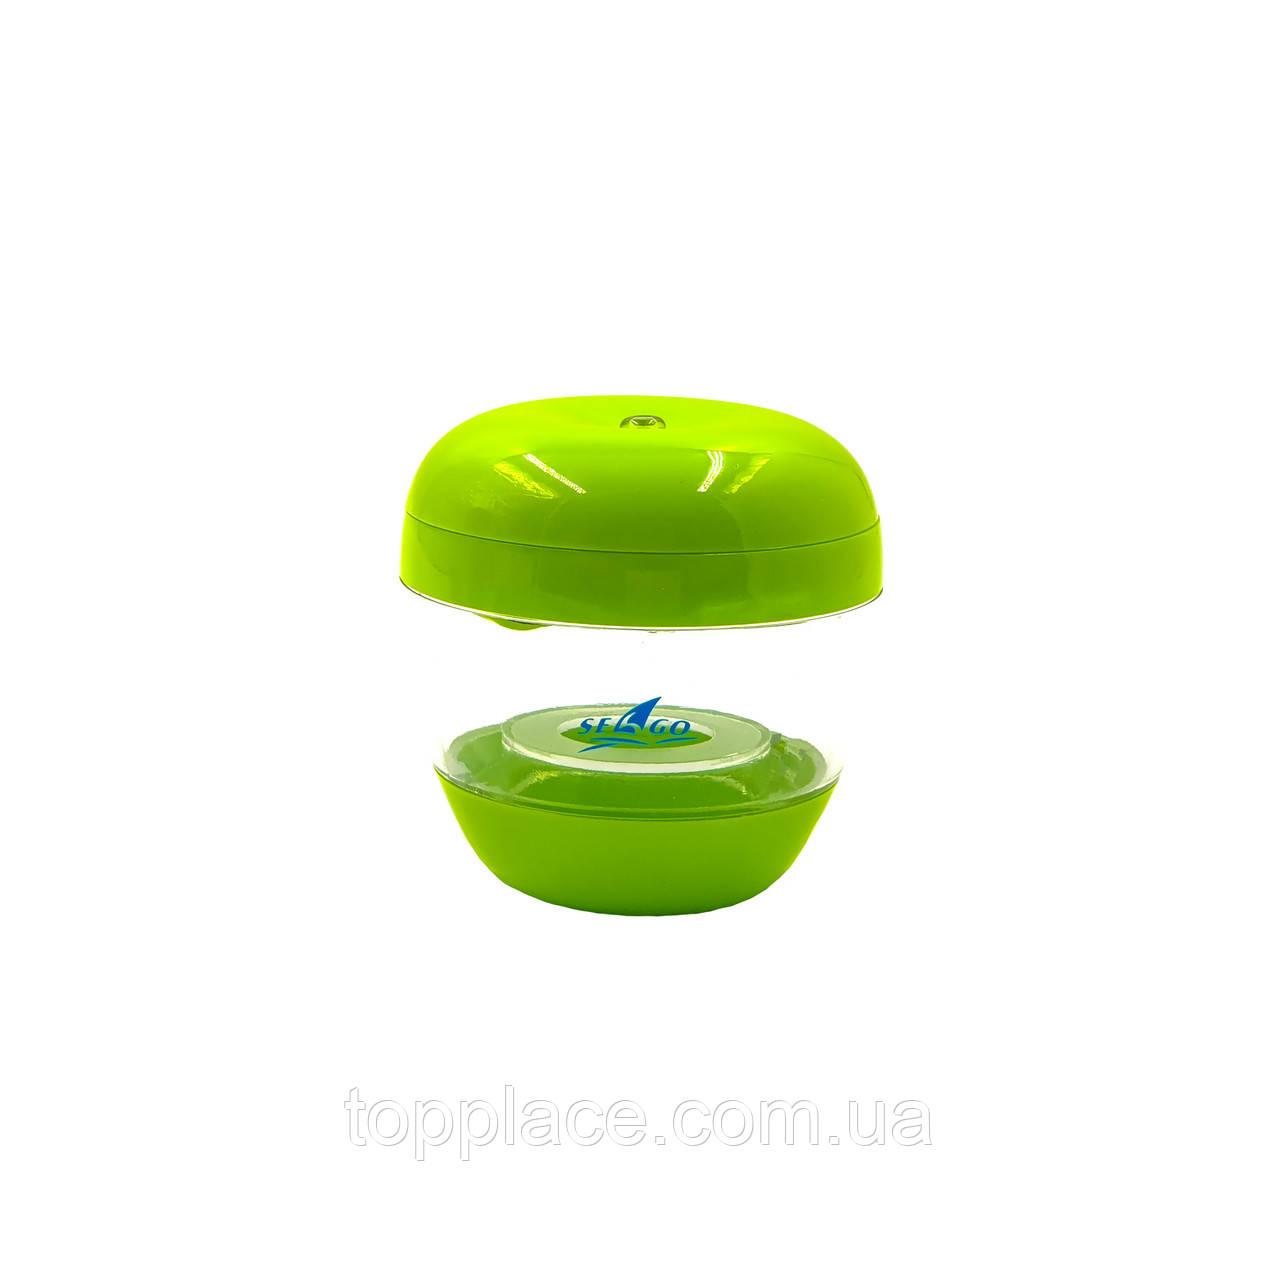 Ультрафиолетовый портативный стерилизатор сосок и пустышек Seago SG113, Green (K1010050253)